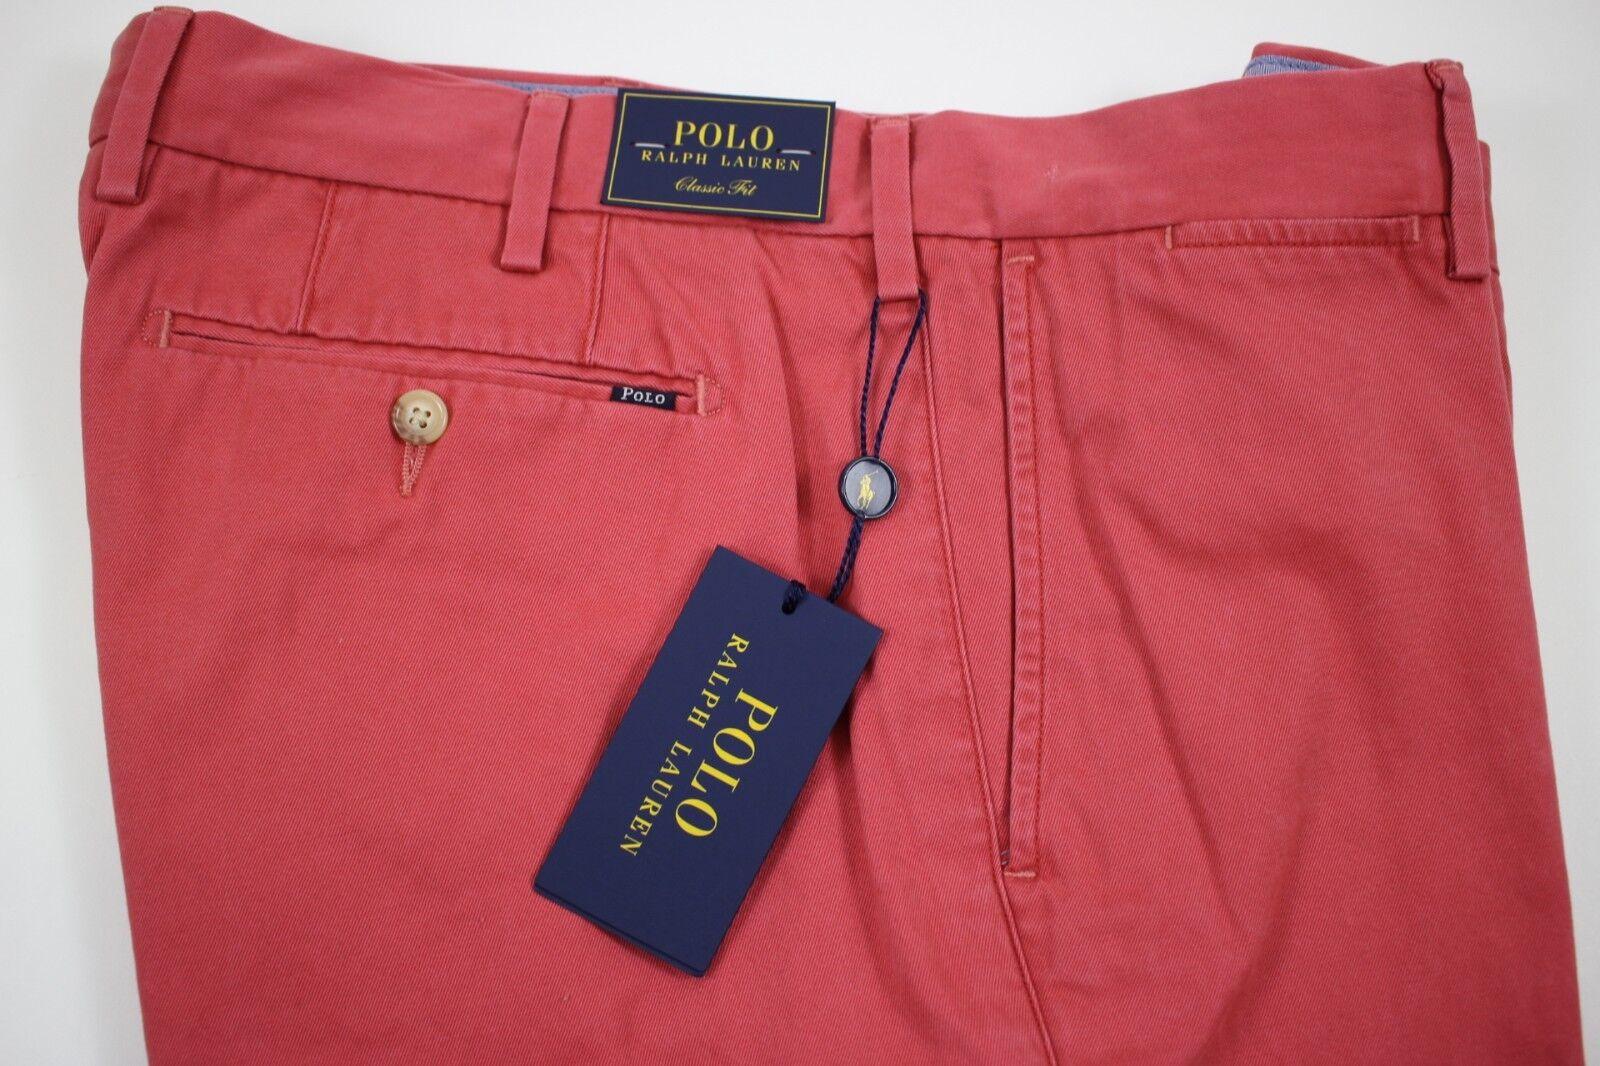 NWT  RALPH LAUREN 34x30 Men's Flat Front Red Pima Cotton CLASSIC FIT Pant